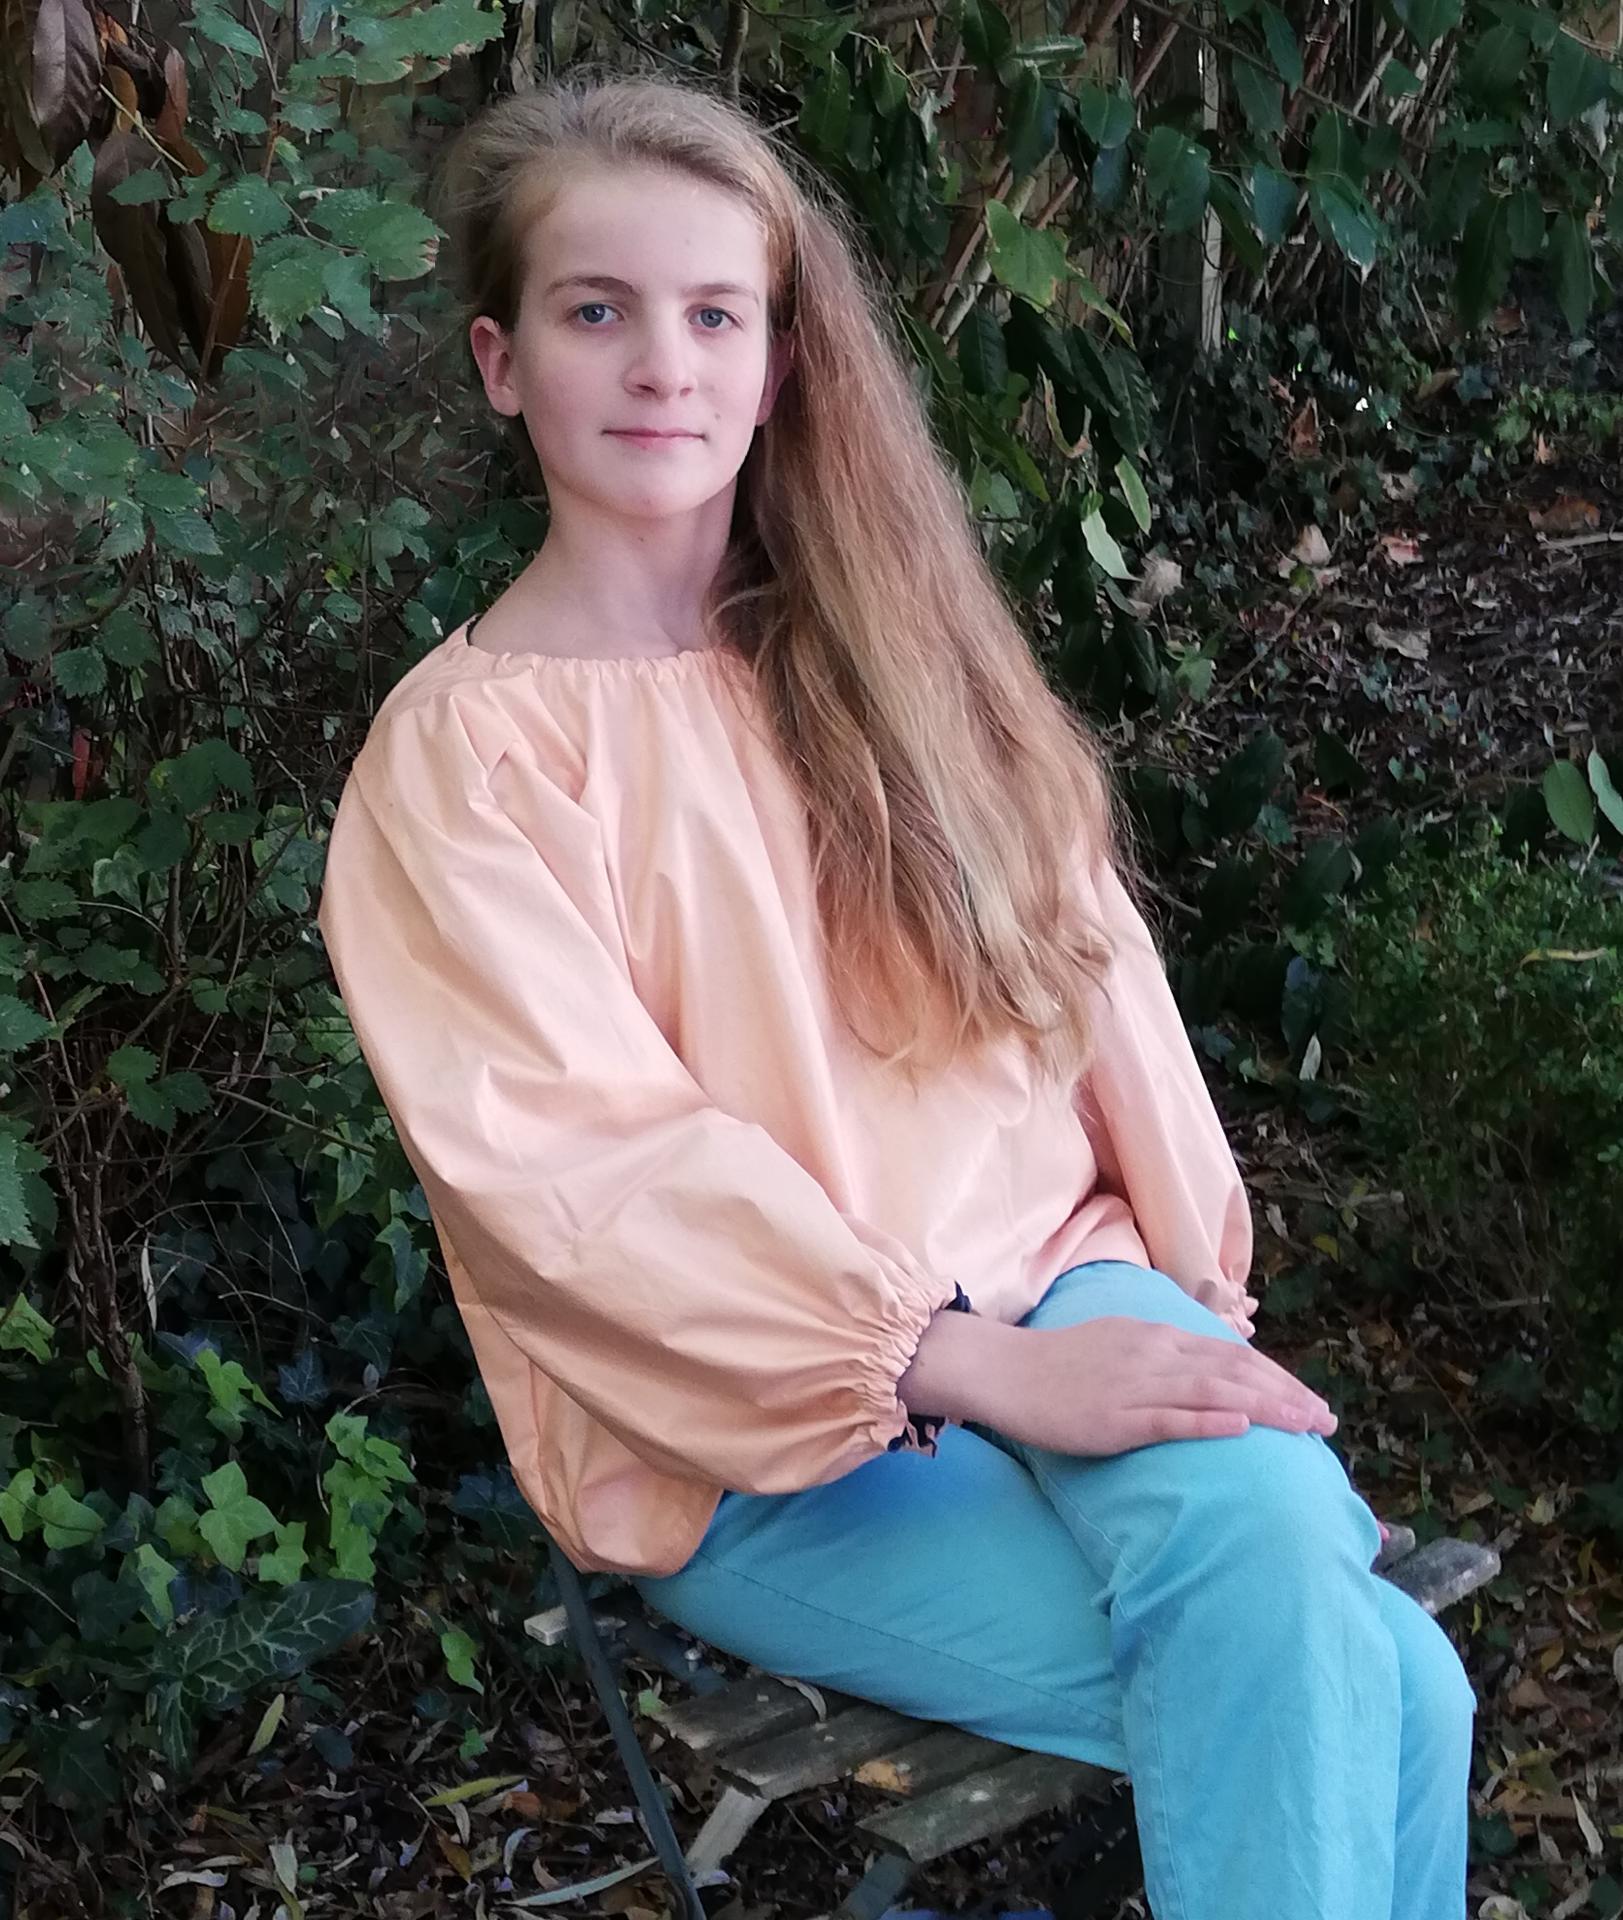 Tunique reversible jeune fille en fleur premiere saumon 12 14 ans fifi au jardin pose 2